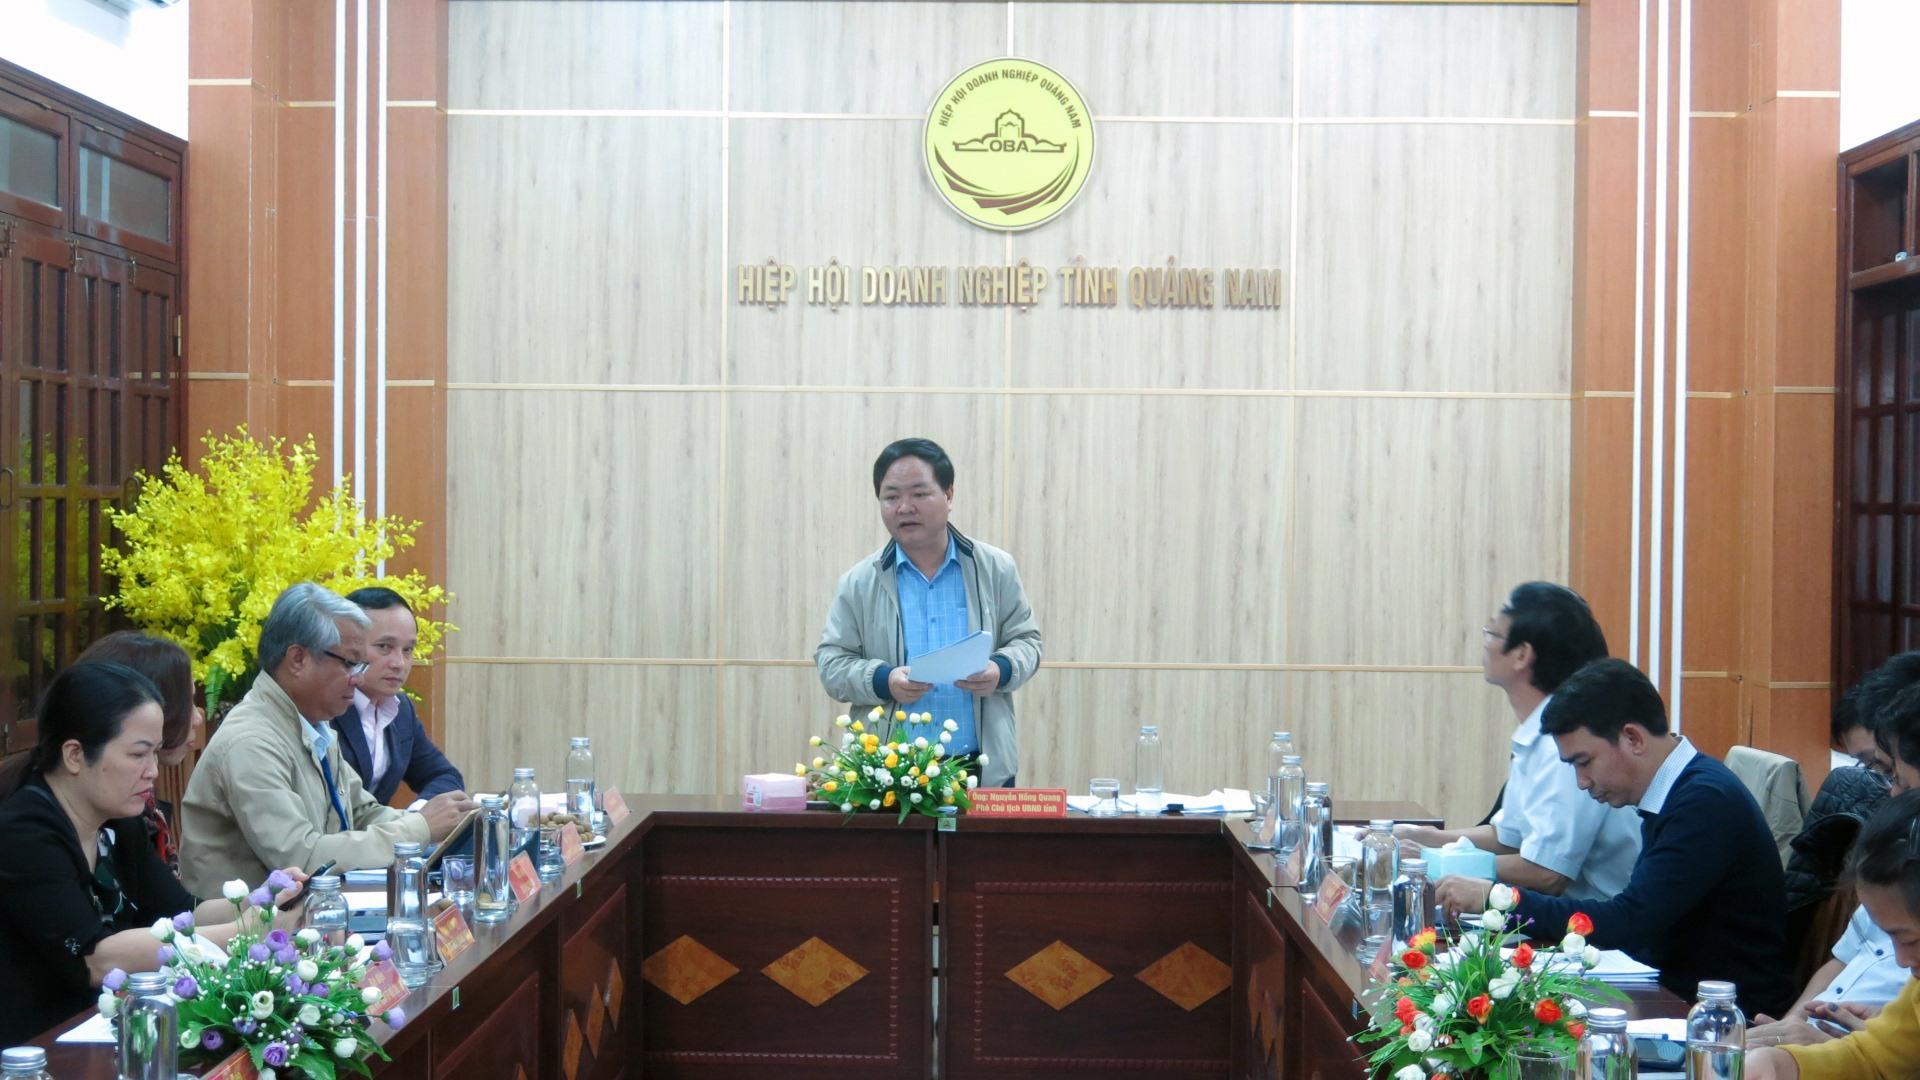 Phó Chủ tịch UBND tỉnh Nguyễn Hồng Quang chủ trì buổi tiếp xúc doanh nghiệp định kỳ vào hôm qua 10.12. Ảnh: T.D